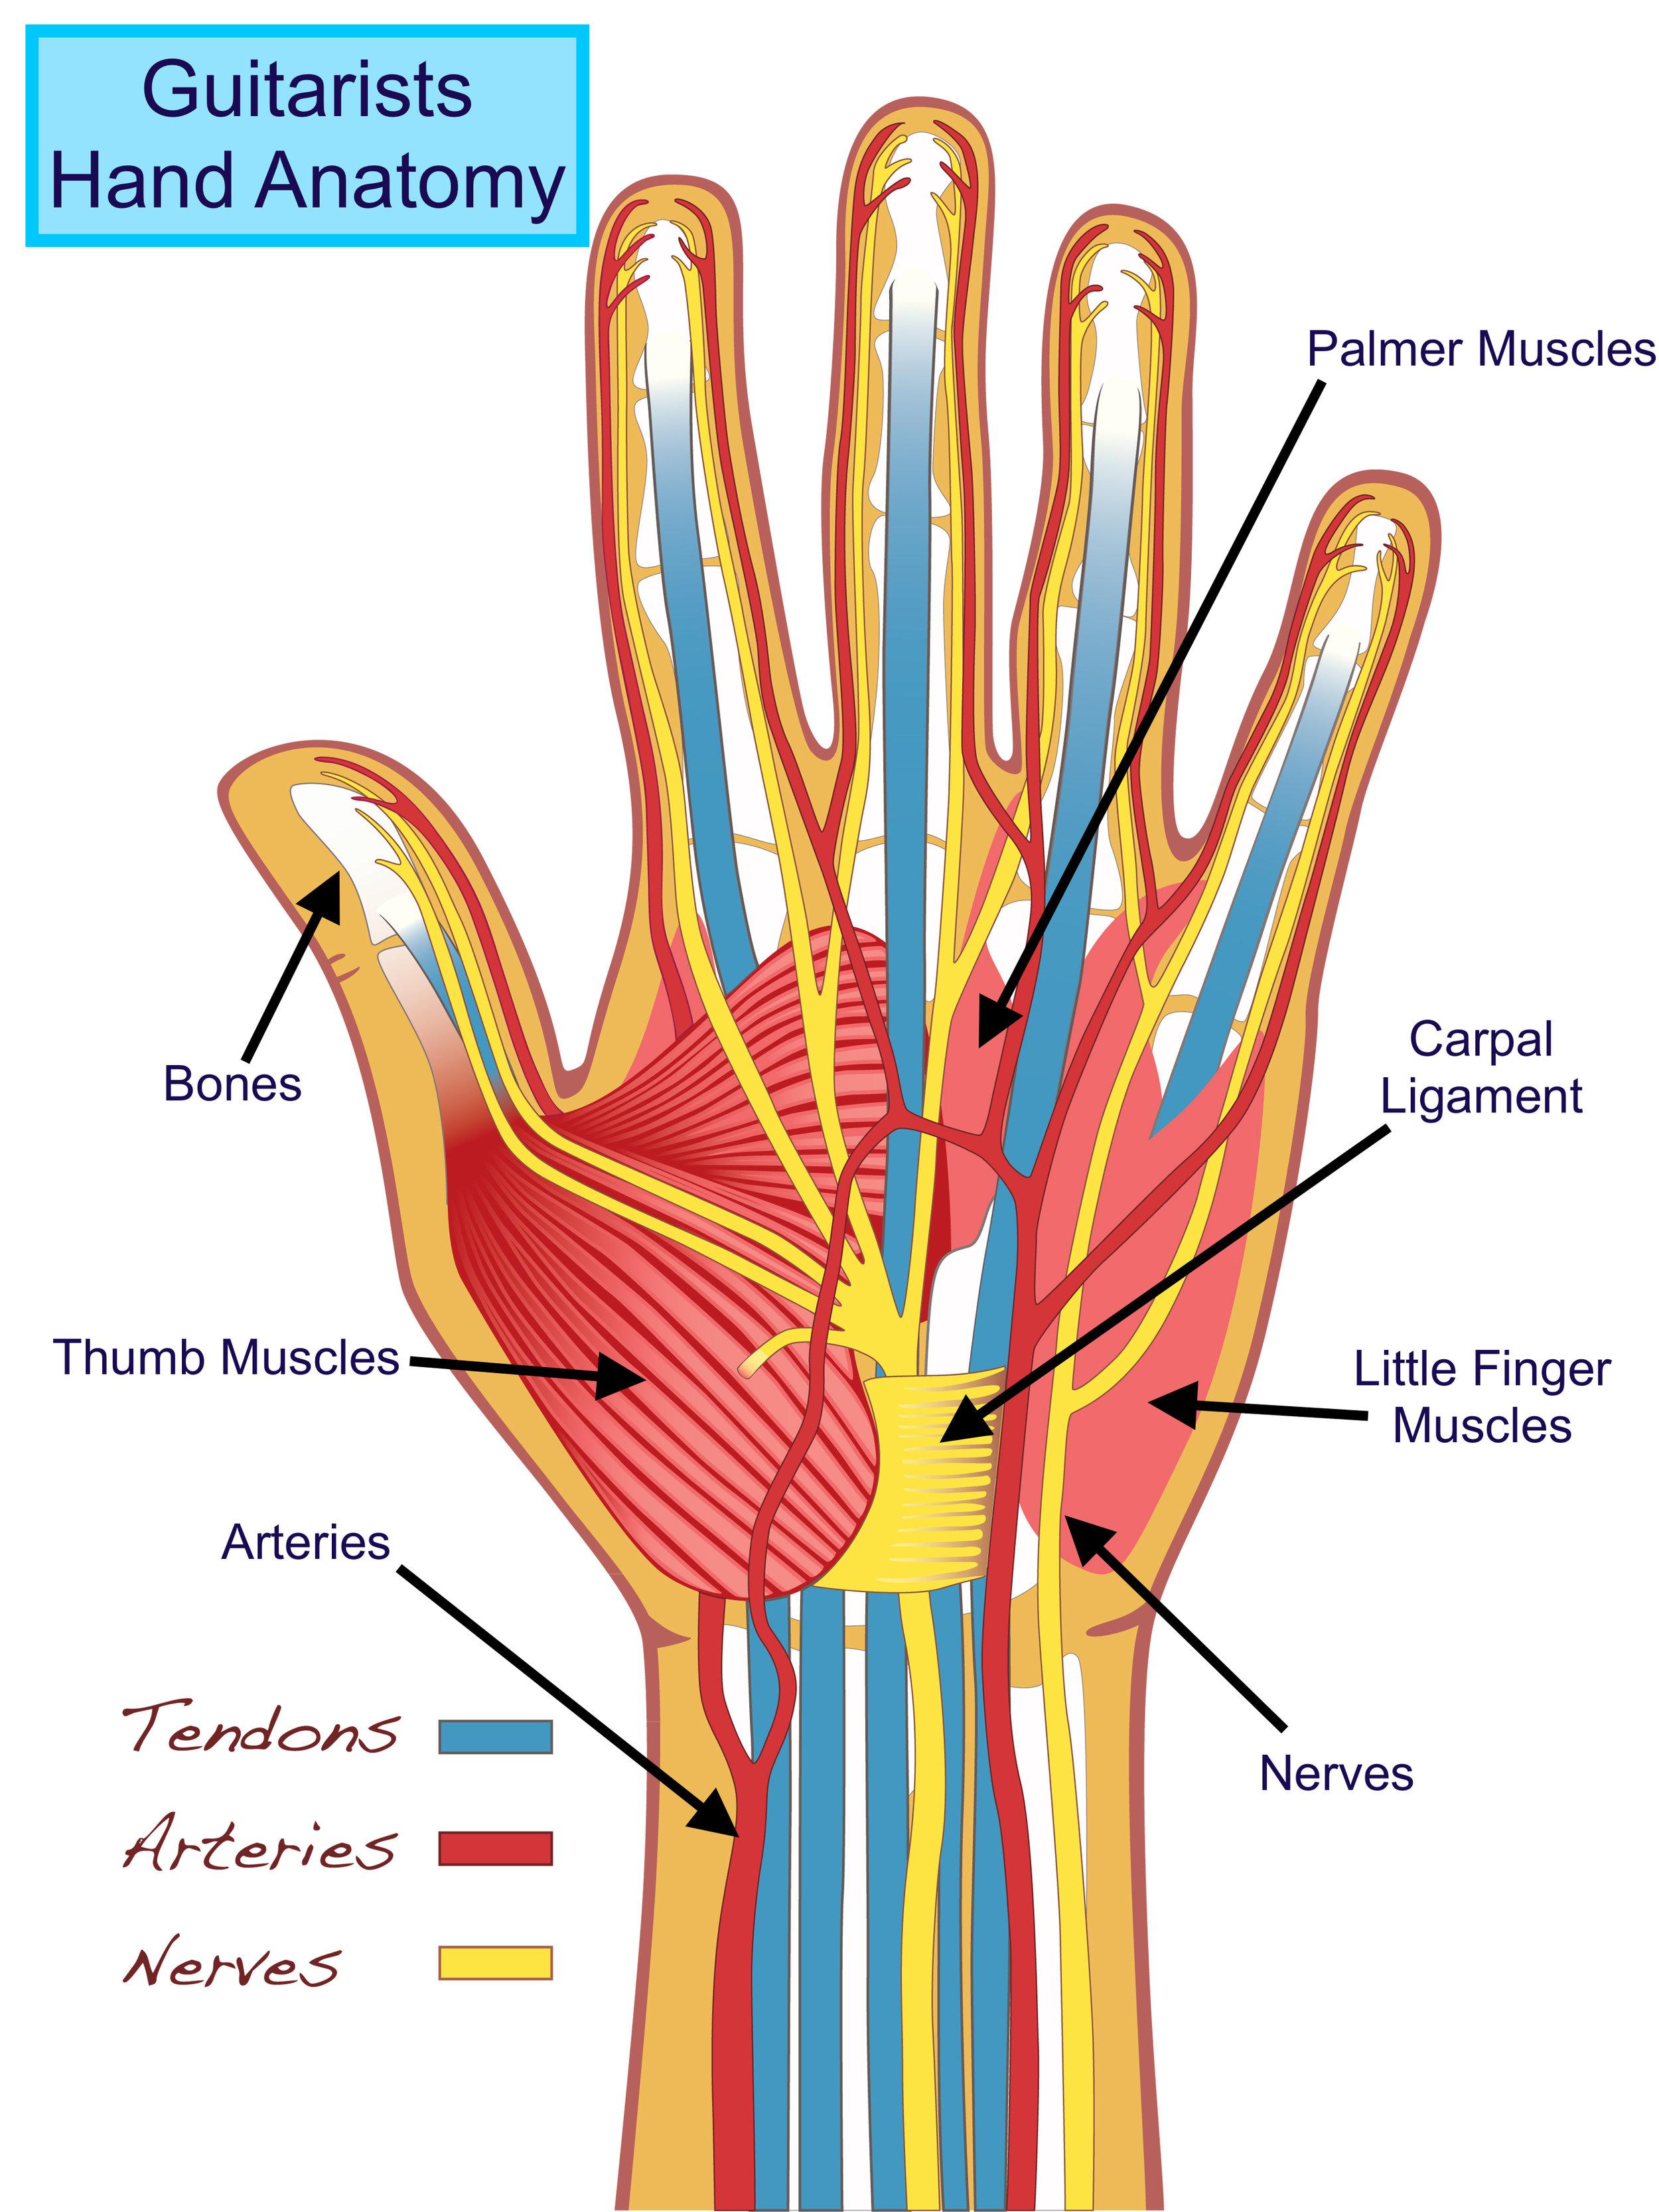 Guitarist's Hand Anatomy